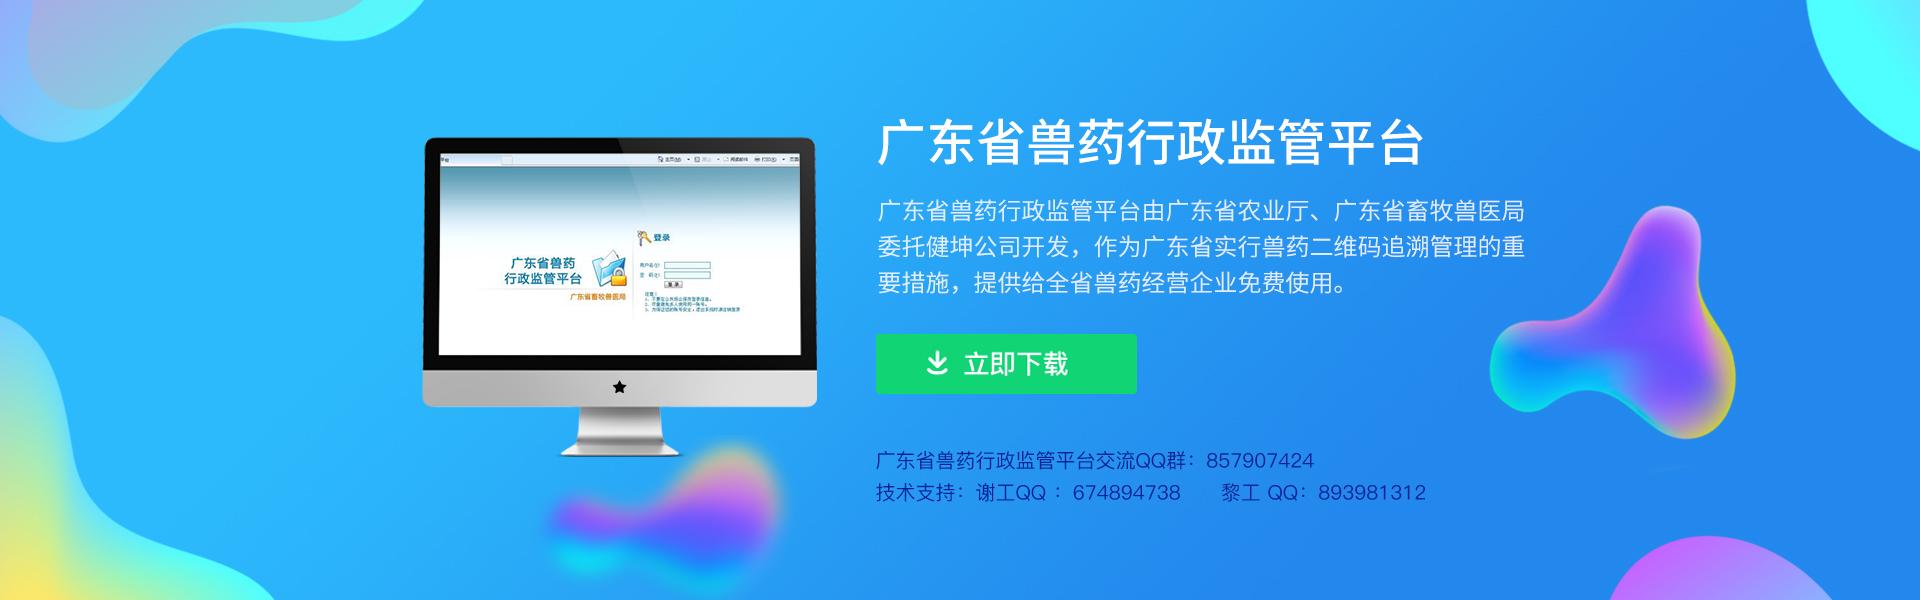 广东省兽药行政监管平台